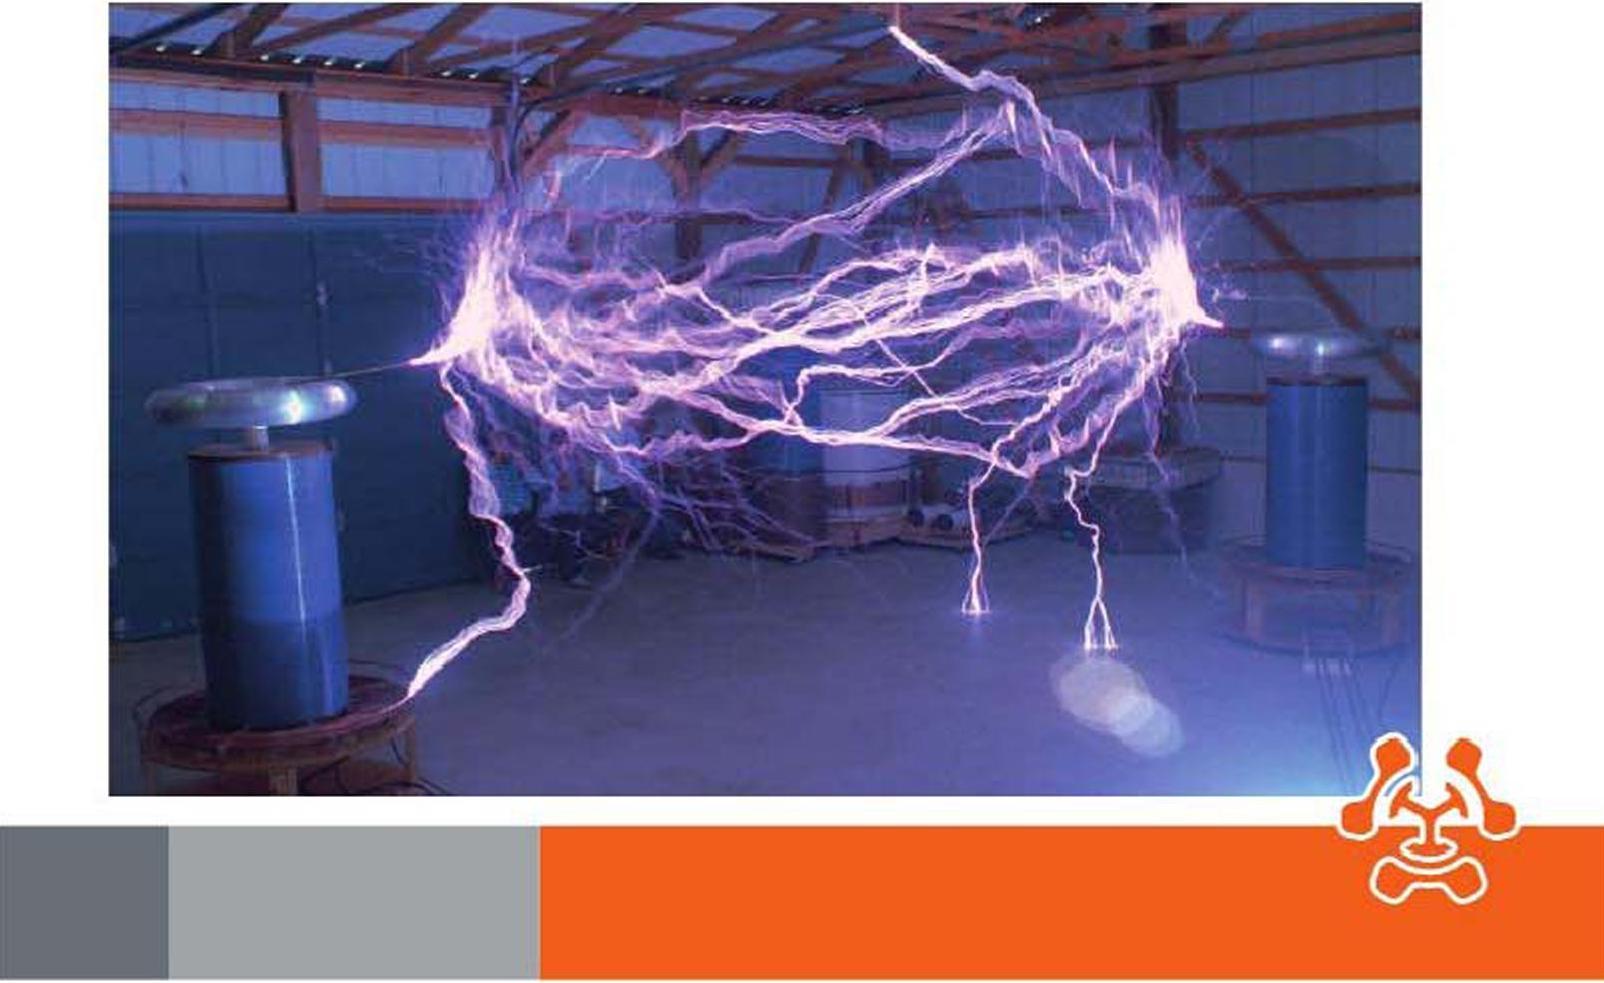 Қазақша Ашық сабақ: Электротехника | Магнит өрісінің кернеулілігі. Толық тоқ заңы.